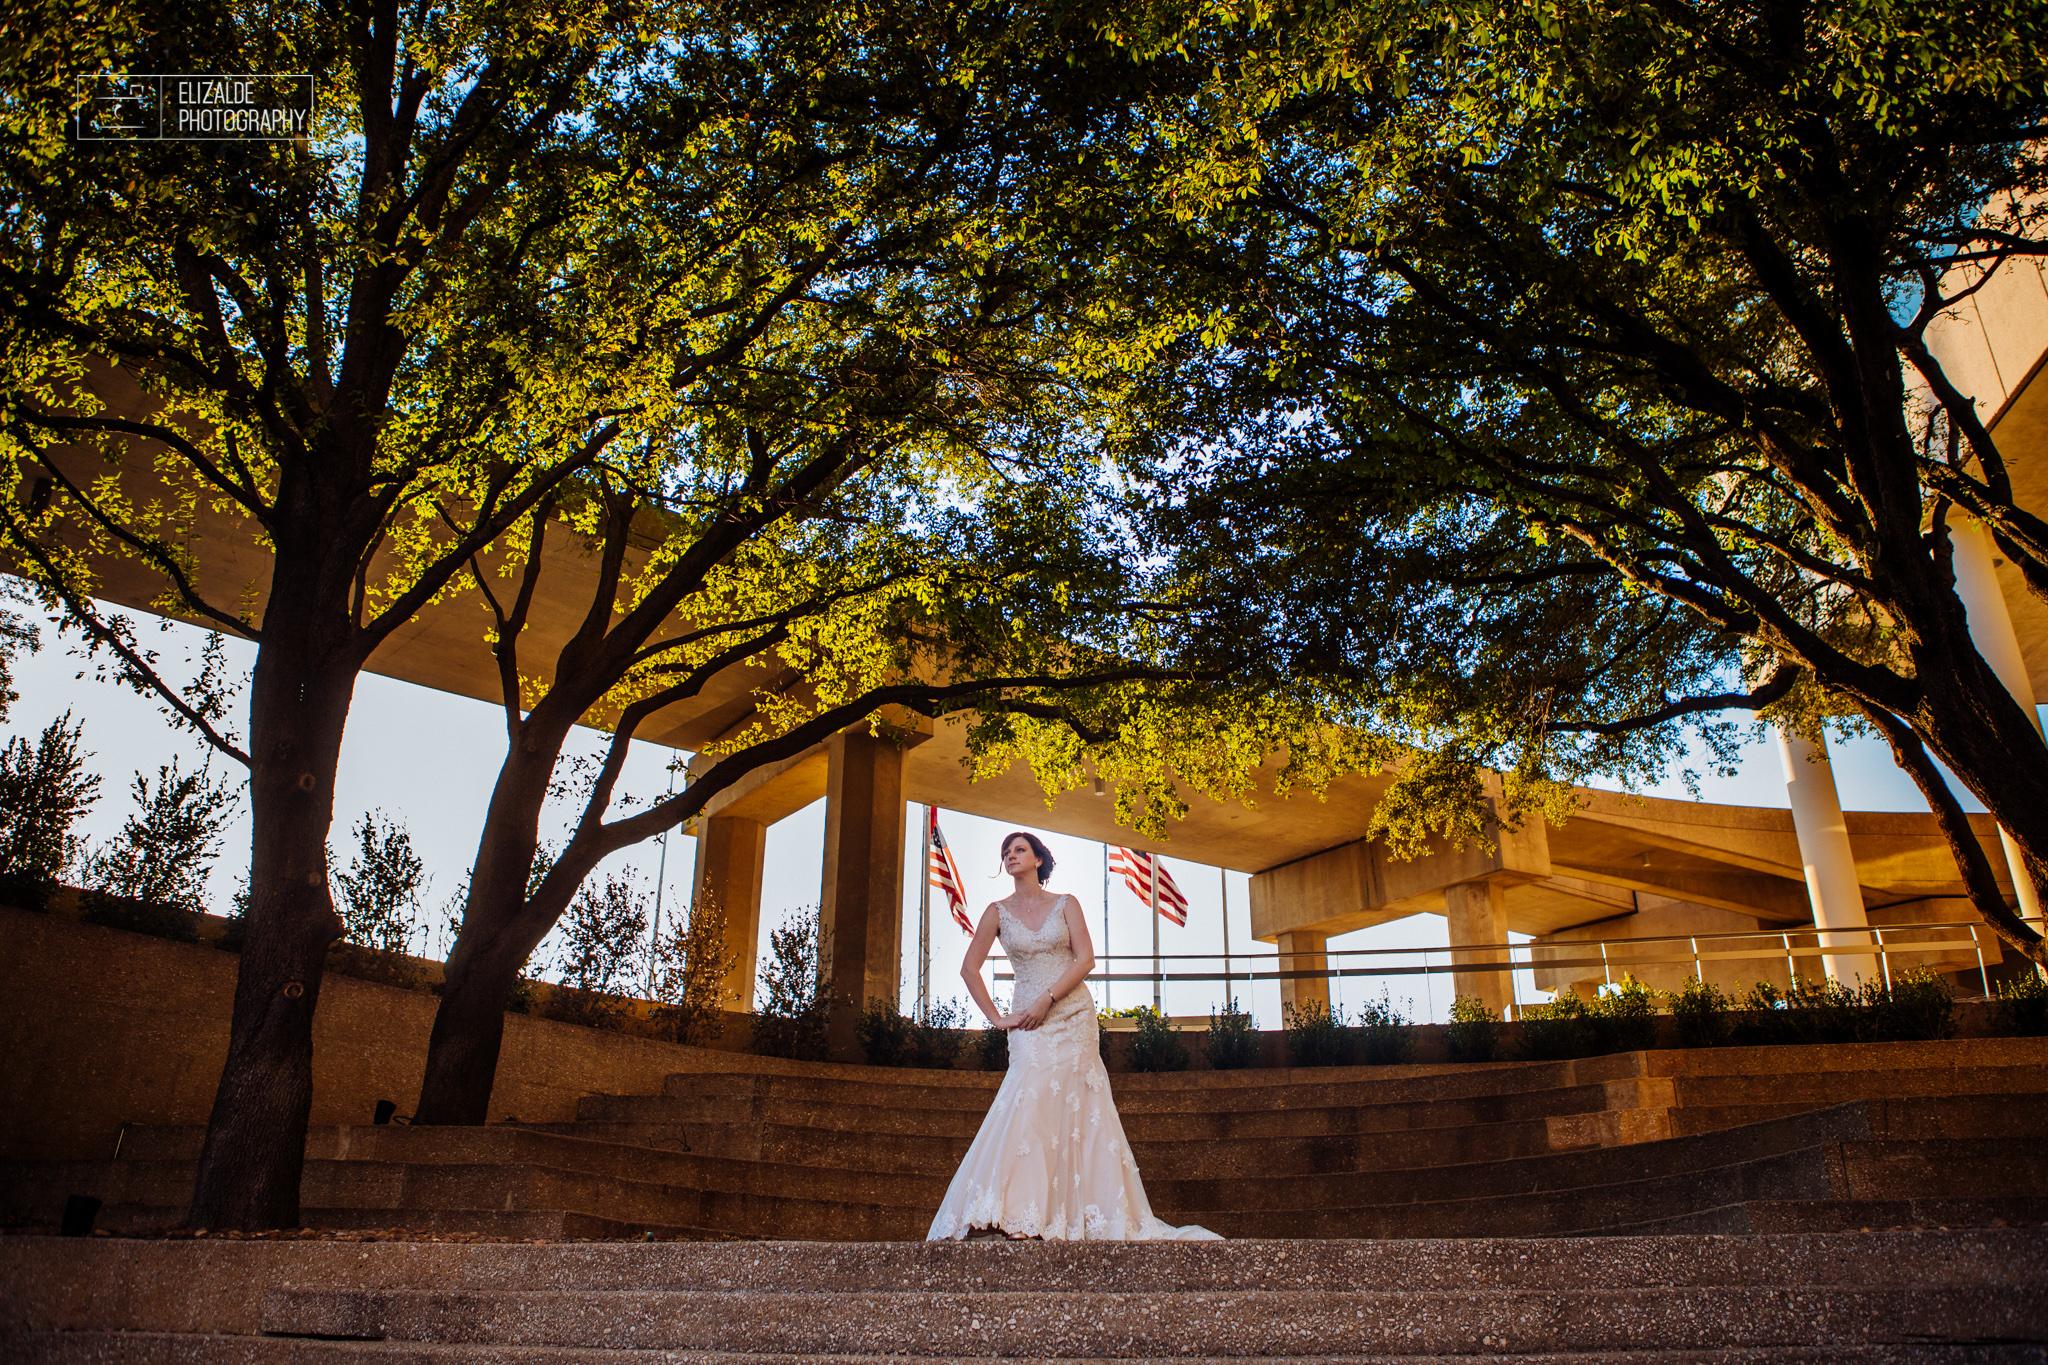 Kelly_Bridals_Omni_DFW_wedding_blog-13.jpg